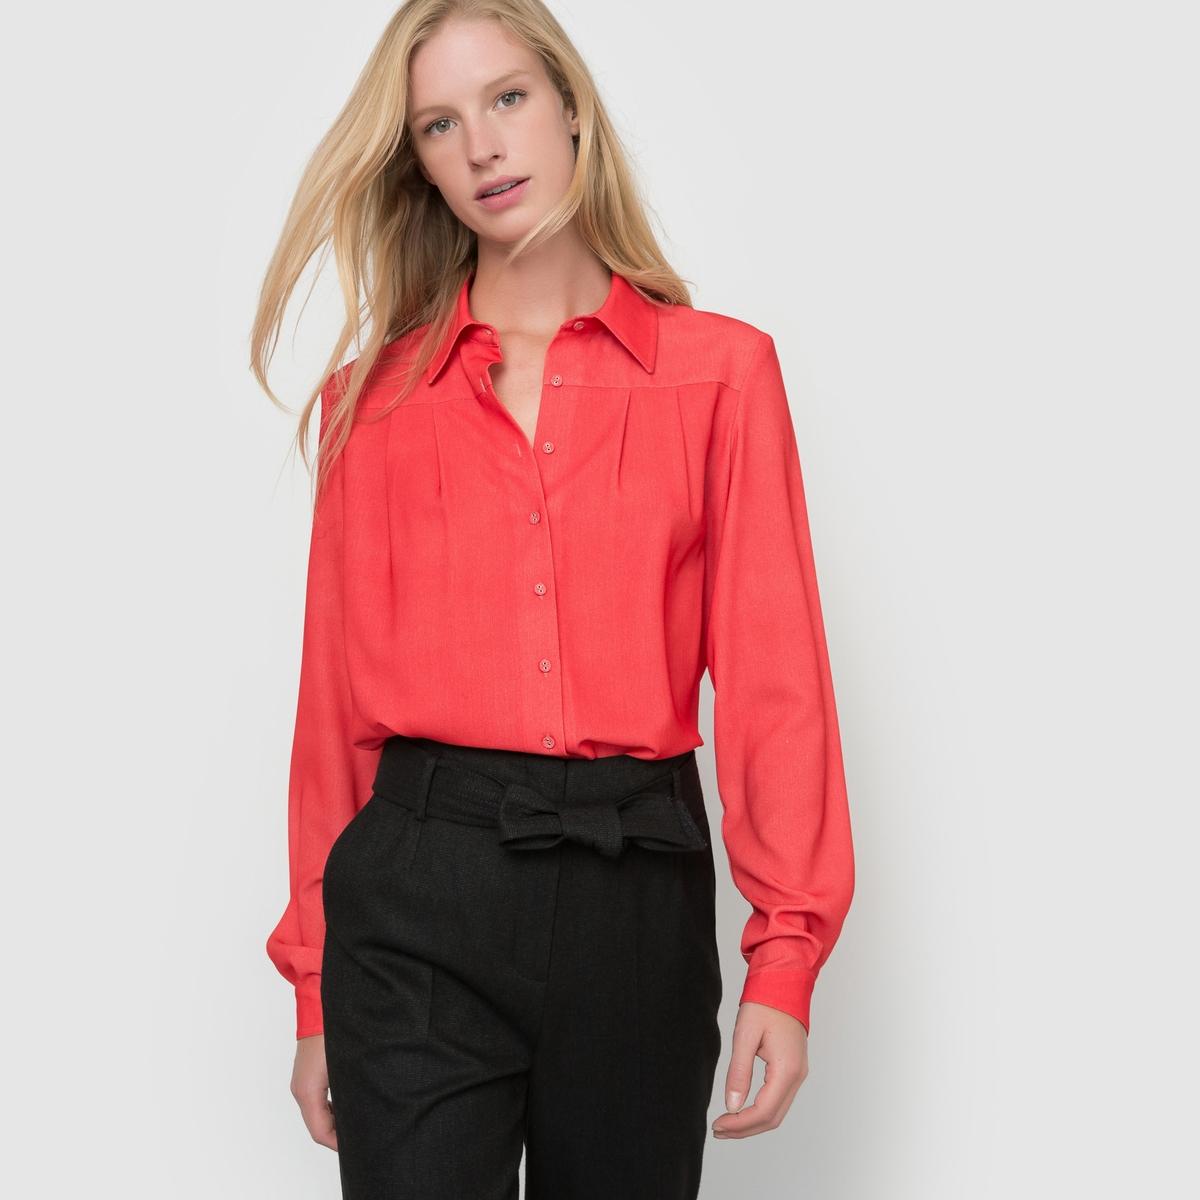 Рубашка легкая с длинными рукавамиСостав и описание :Длина : 66 см.Материал : 97% полиэстера, 3% эластанаМарка : atelier R.Уход– стирать при 30 °C с вещами схожих цветов– стирать и гладить с изнанки.<br><br>Цвет: красный,черный<br>Размер: 42 (FR) - 48 (RUS).44 (FR) - 50 (RUS)